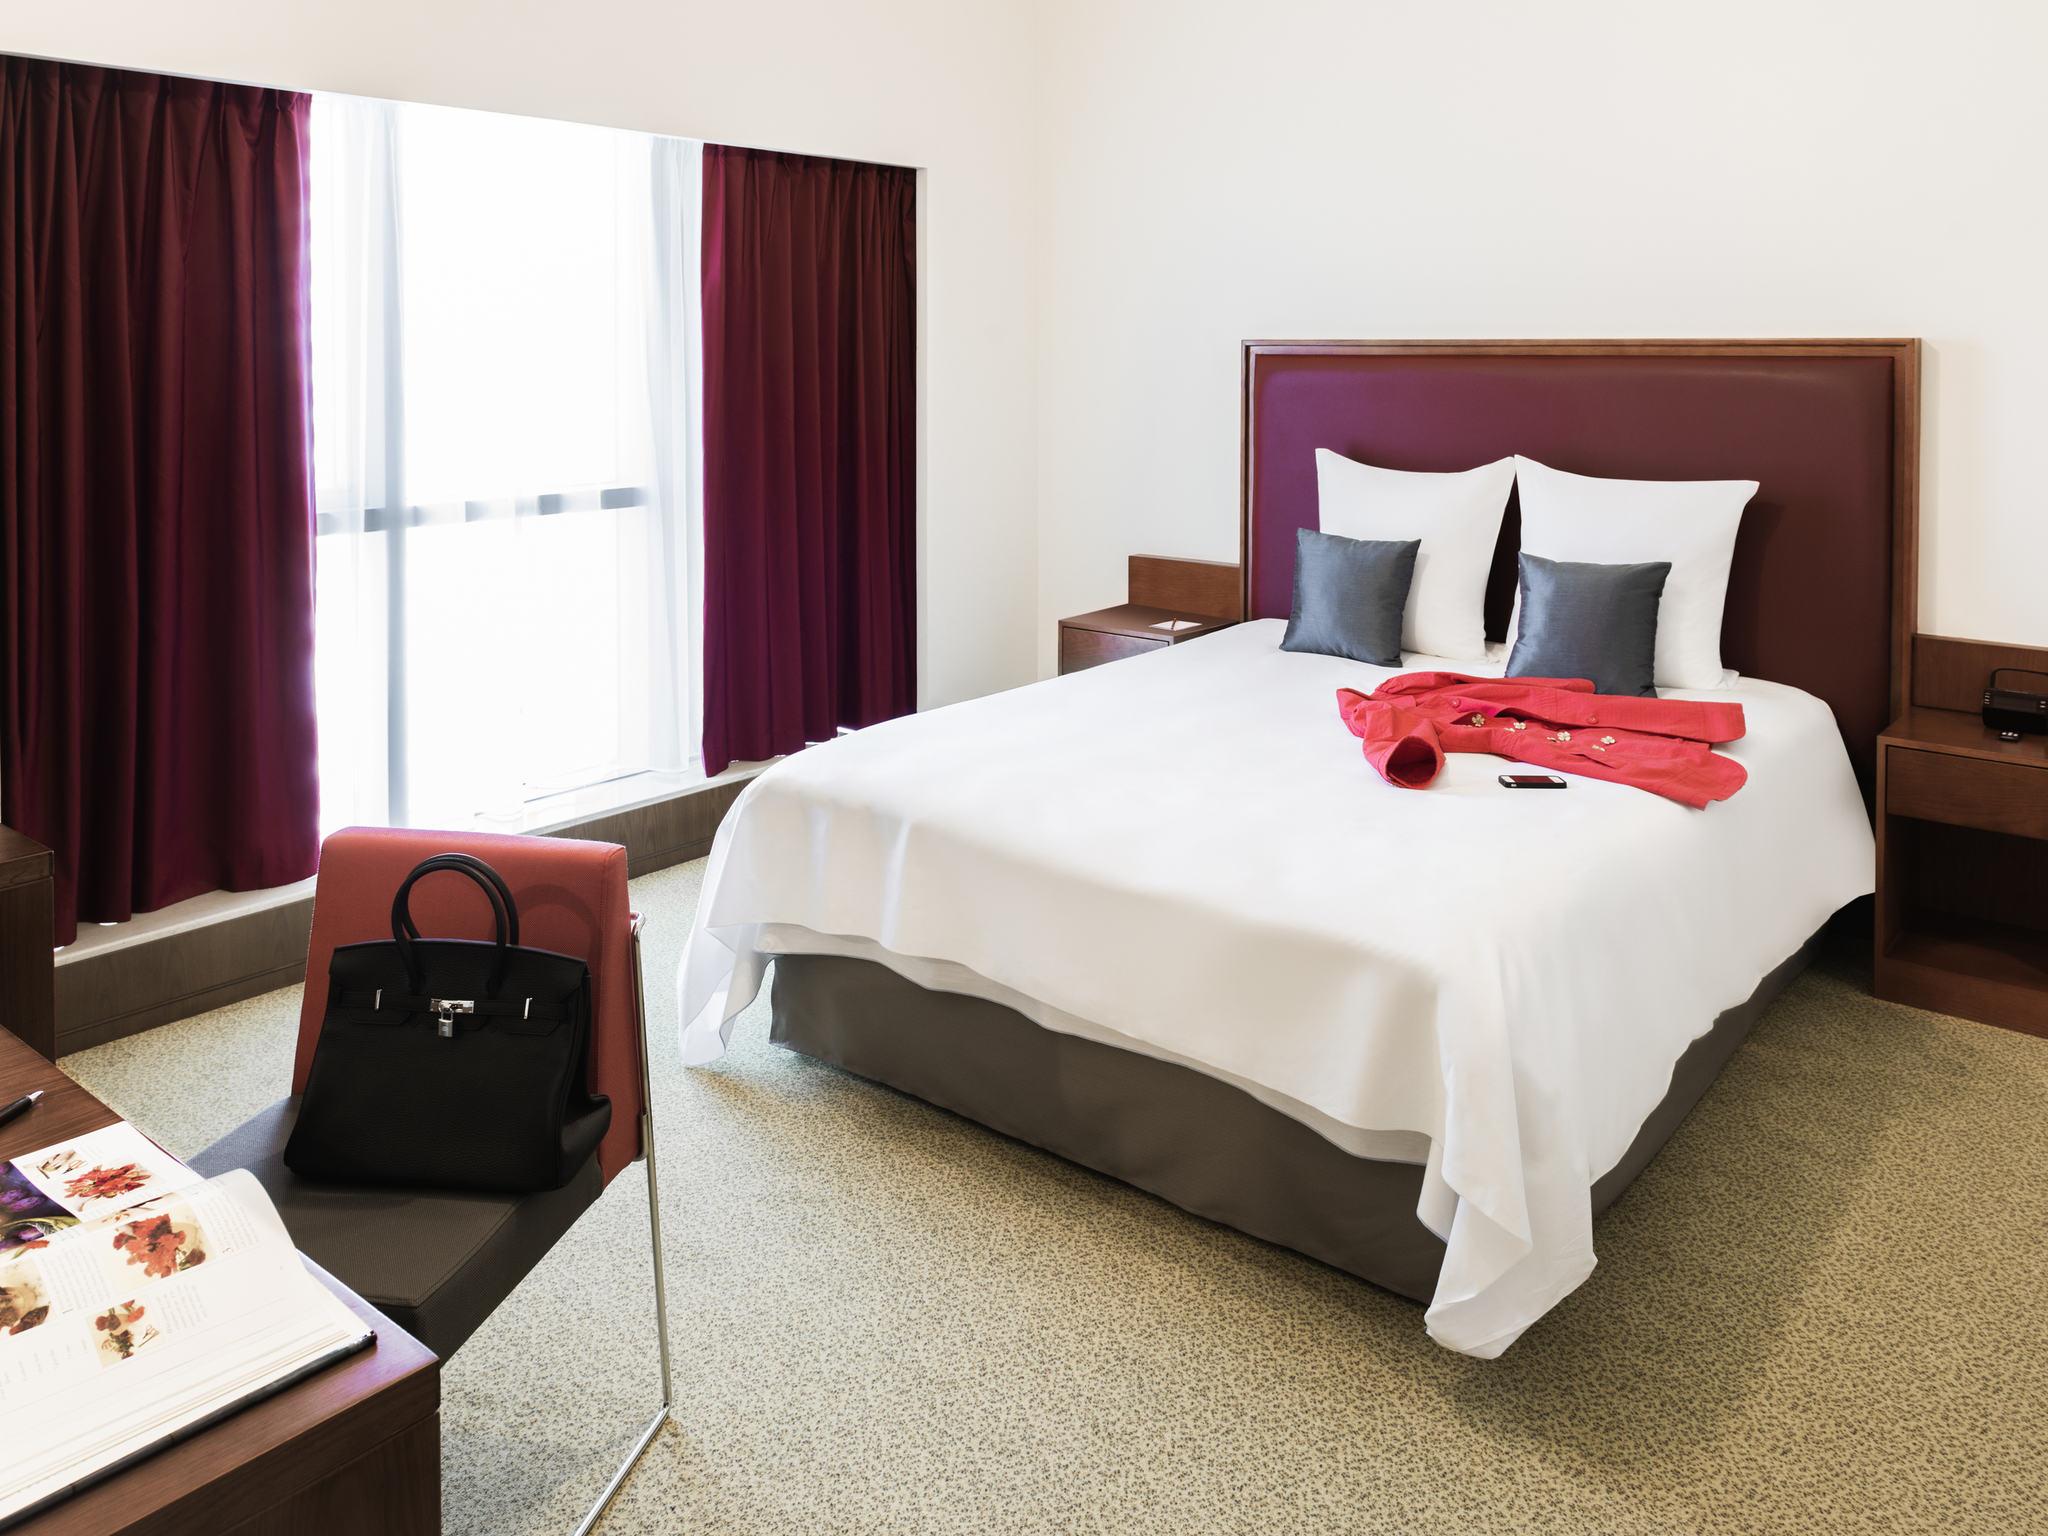 酒店 – 阿德吉奥富查伊拉公寓酒店